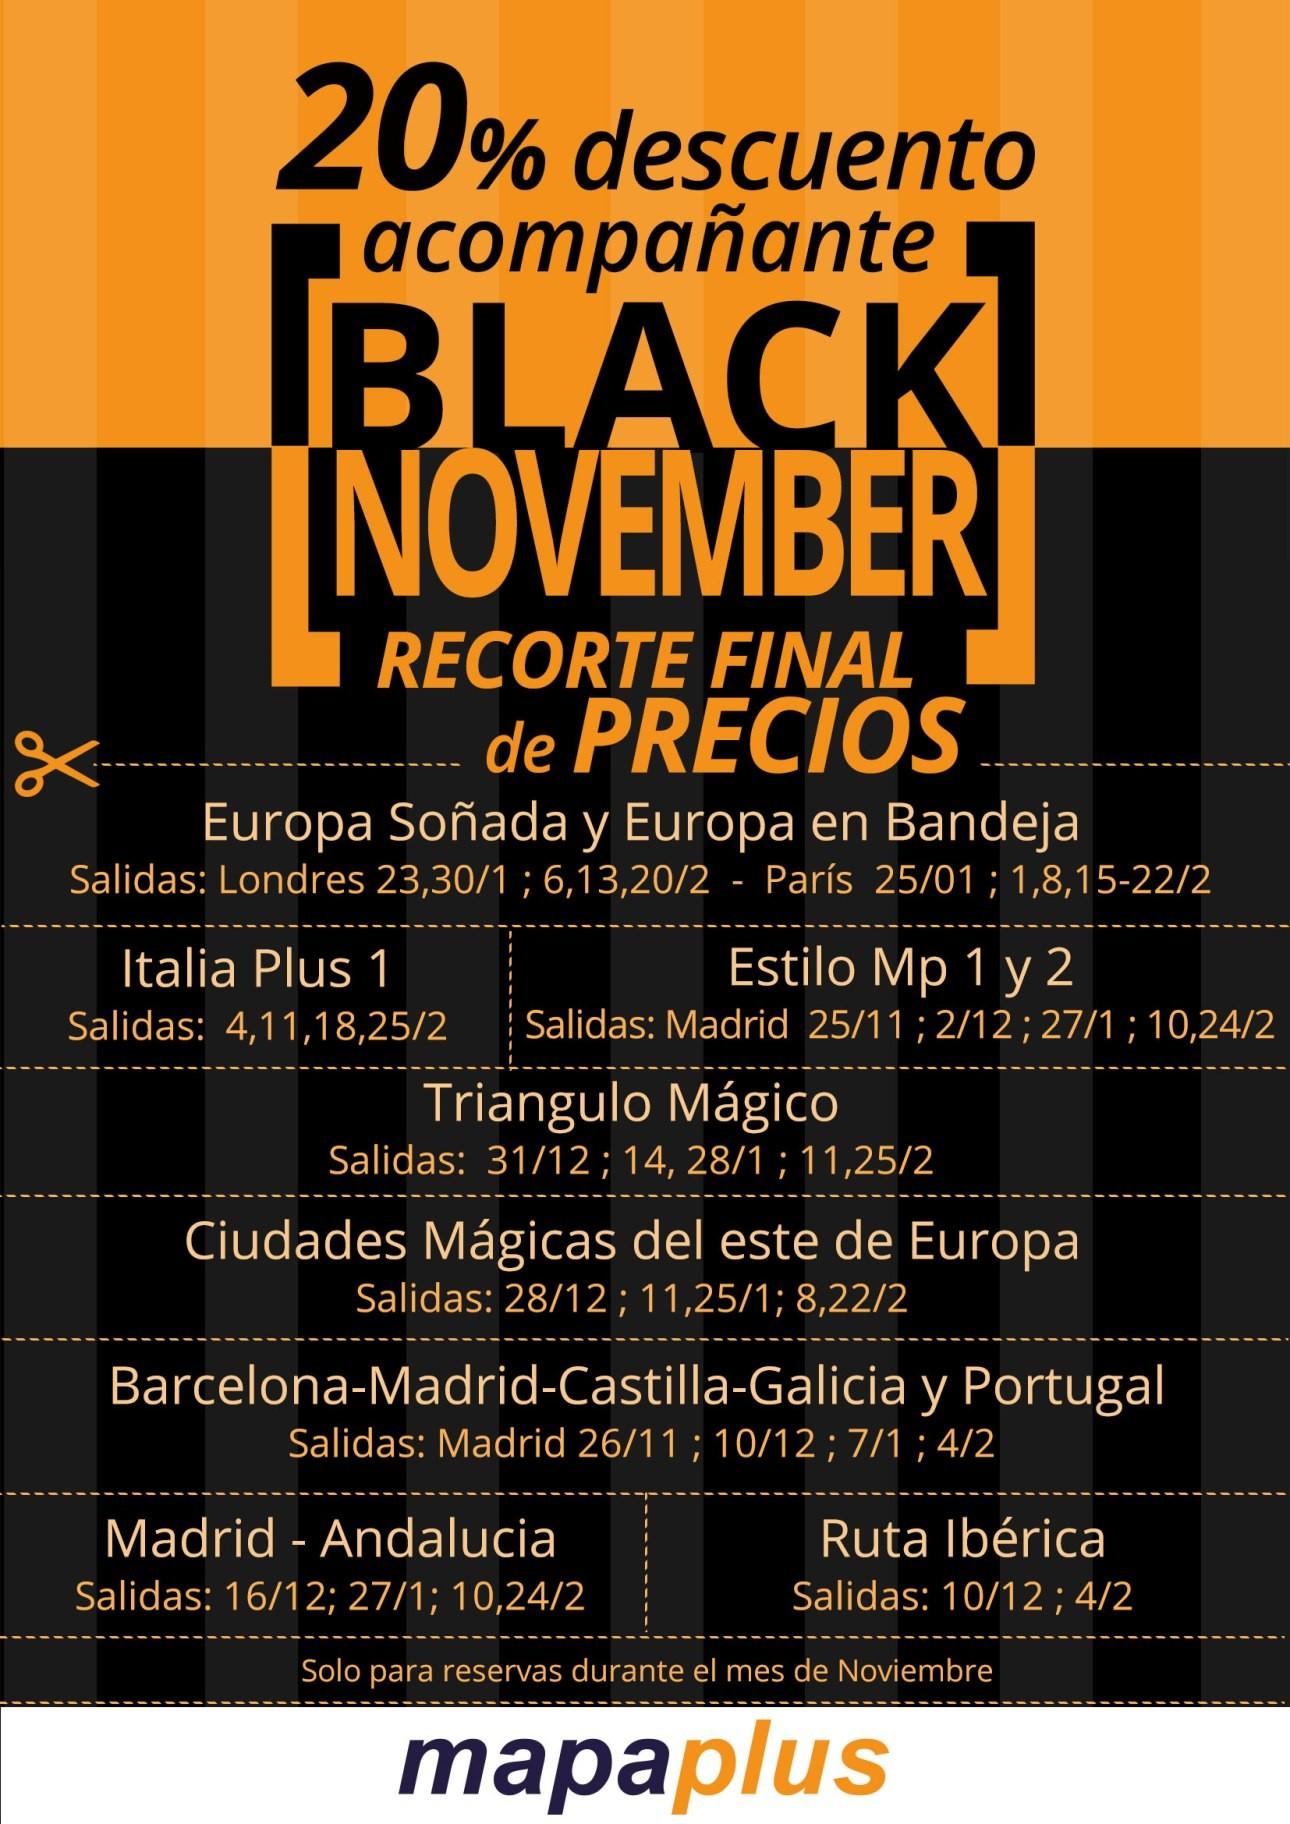 Calendario Vacaciones Barcelona 2019 Más Recientemente Liberado Directory Flyers Promociones Of Calendario Vacaciones Barcelona 2019 Más Recientes Calaméo Diario De Noticias